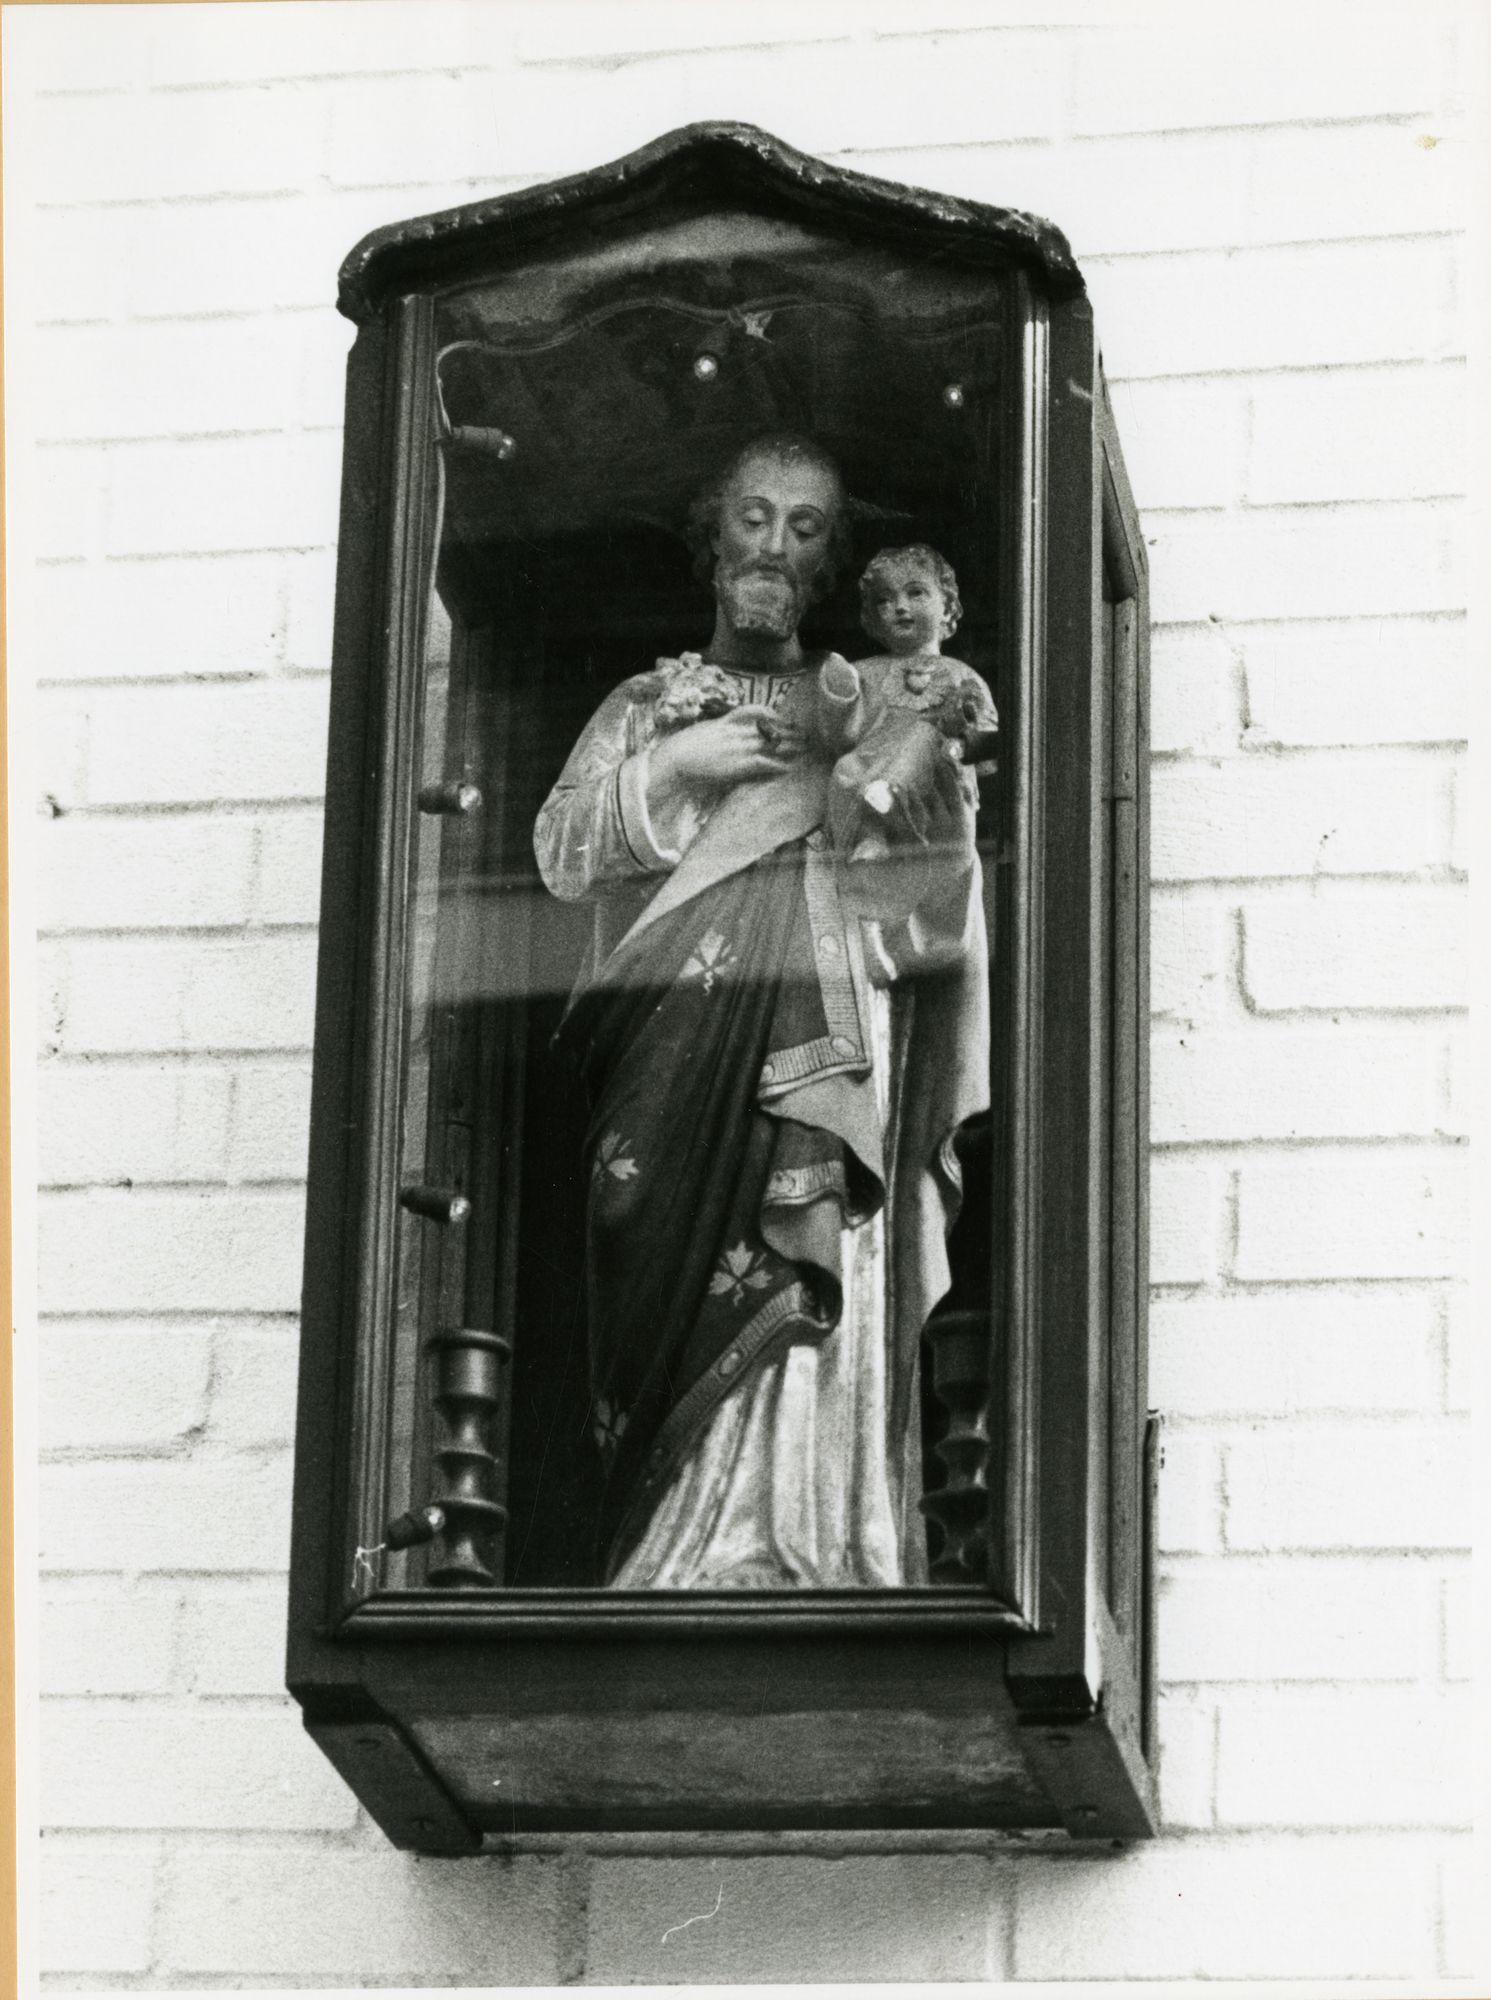 Gent: De Pintelaan 54: gevelkapel: St-Jozef met kind Jezus, 1979